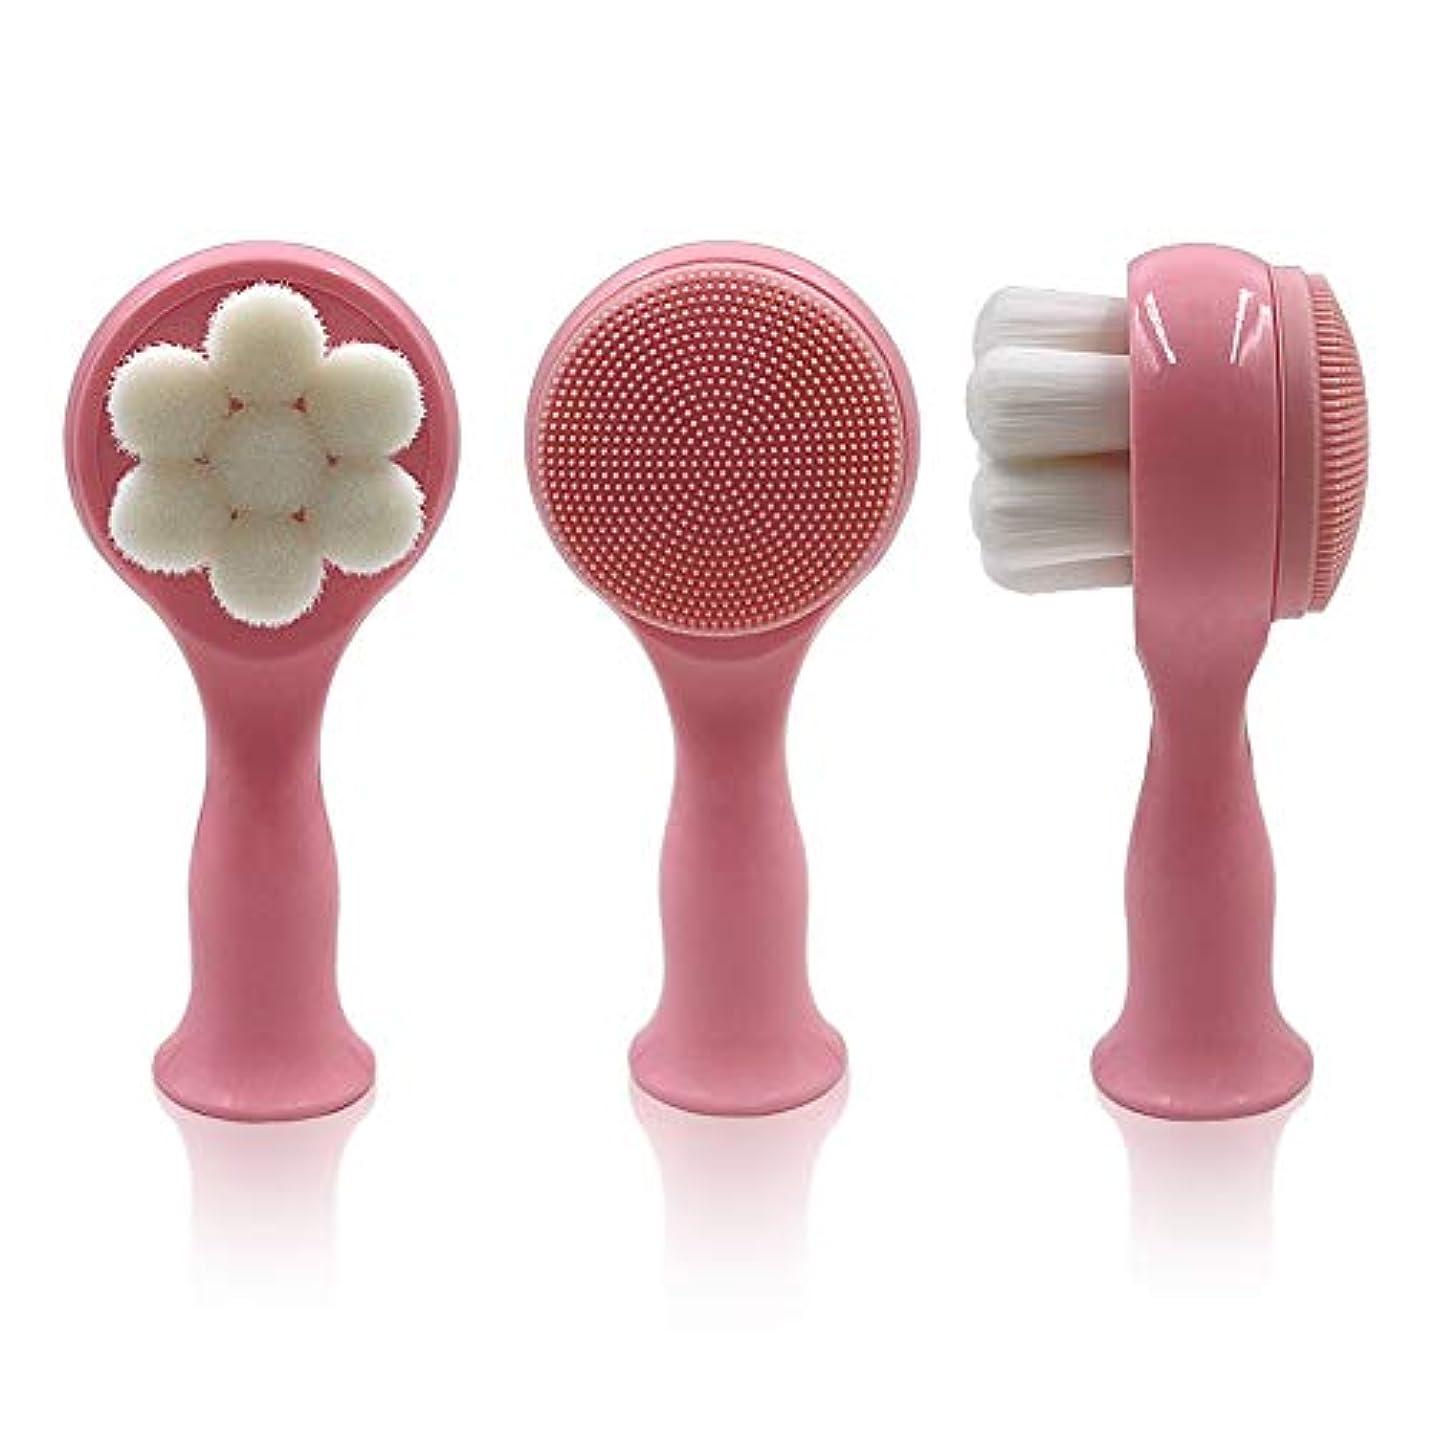 シェード経由で考えるLYX スタンドアップ両面ブラックヘッド洗浄装置にクレンジング器、クリーン毛穴クレンジングブラシ、クレンジングブラシ (Color : ピンク)